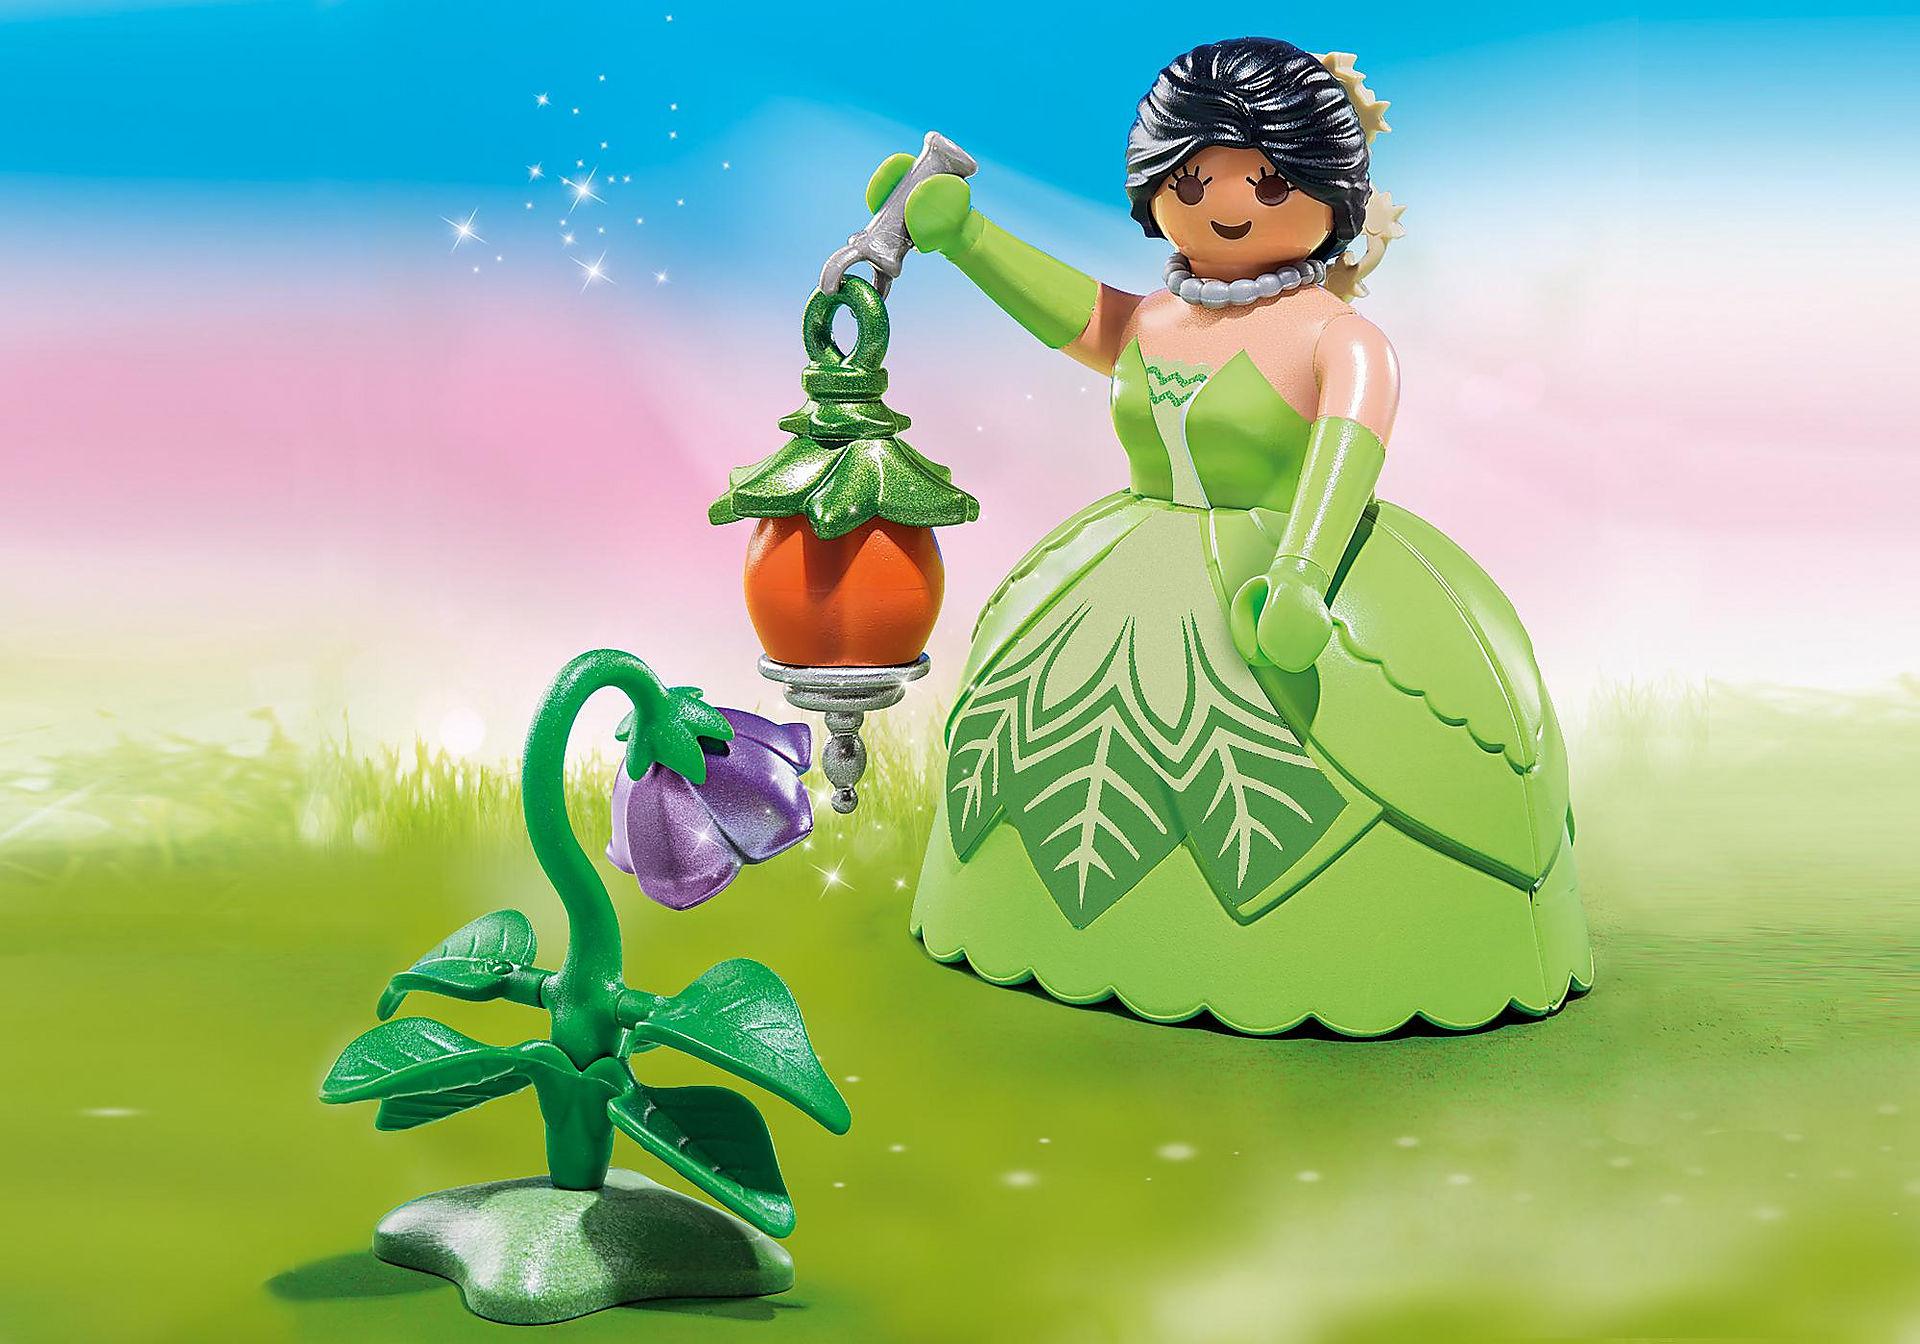 5375 Princesa do jardim zoom image1